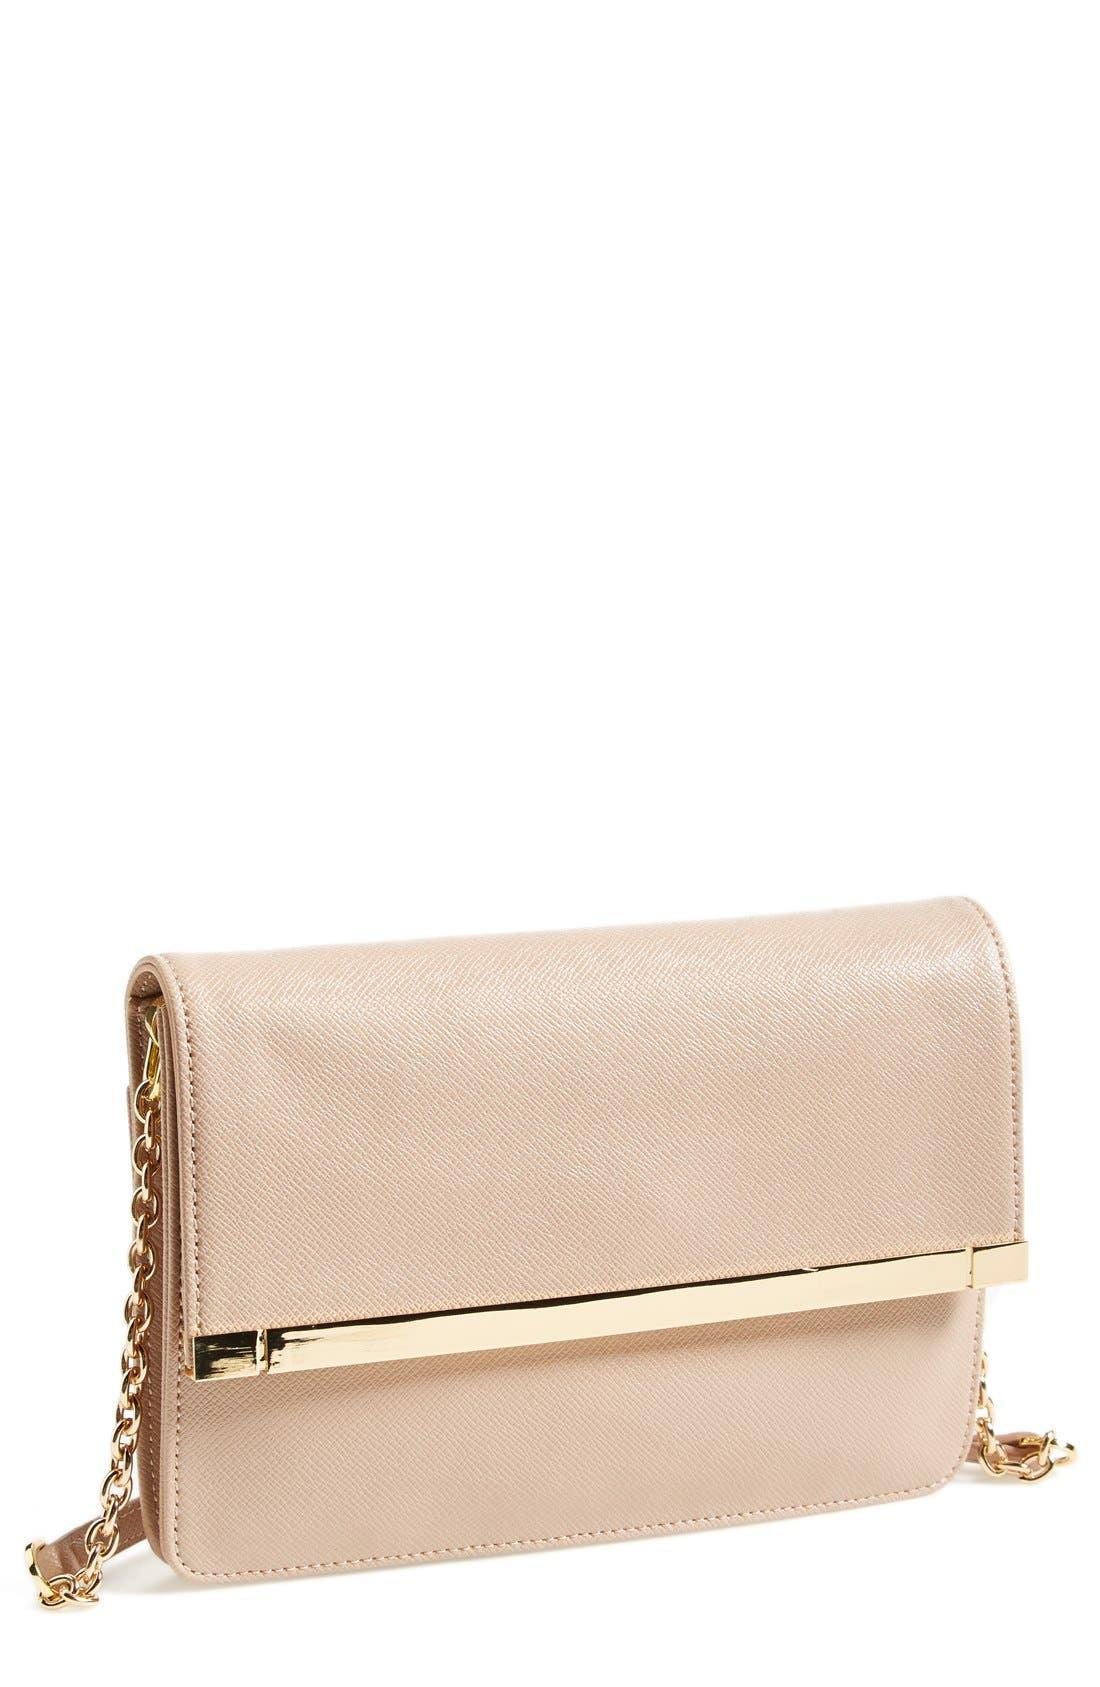 Alternate Image 1 Selected - Ivanka Trump 'Colette' Shoulder Bag